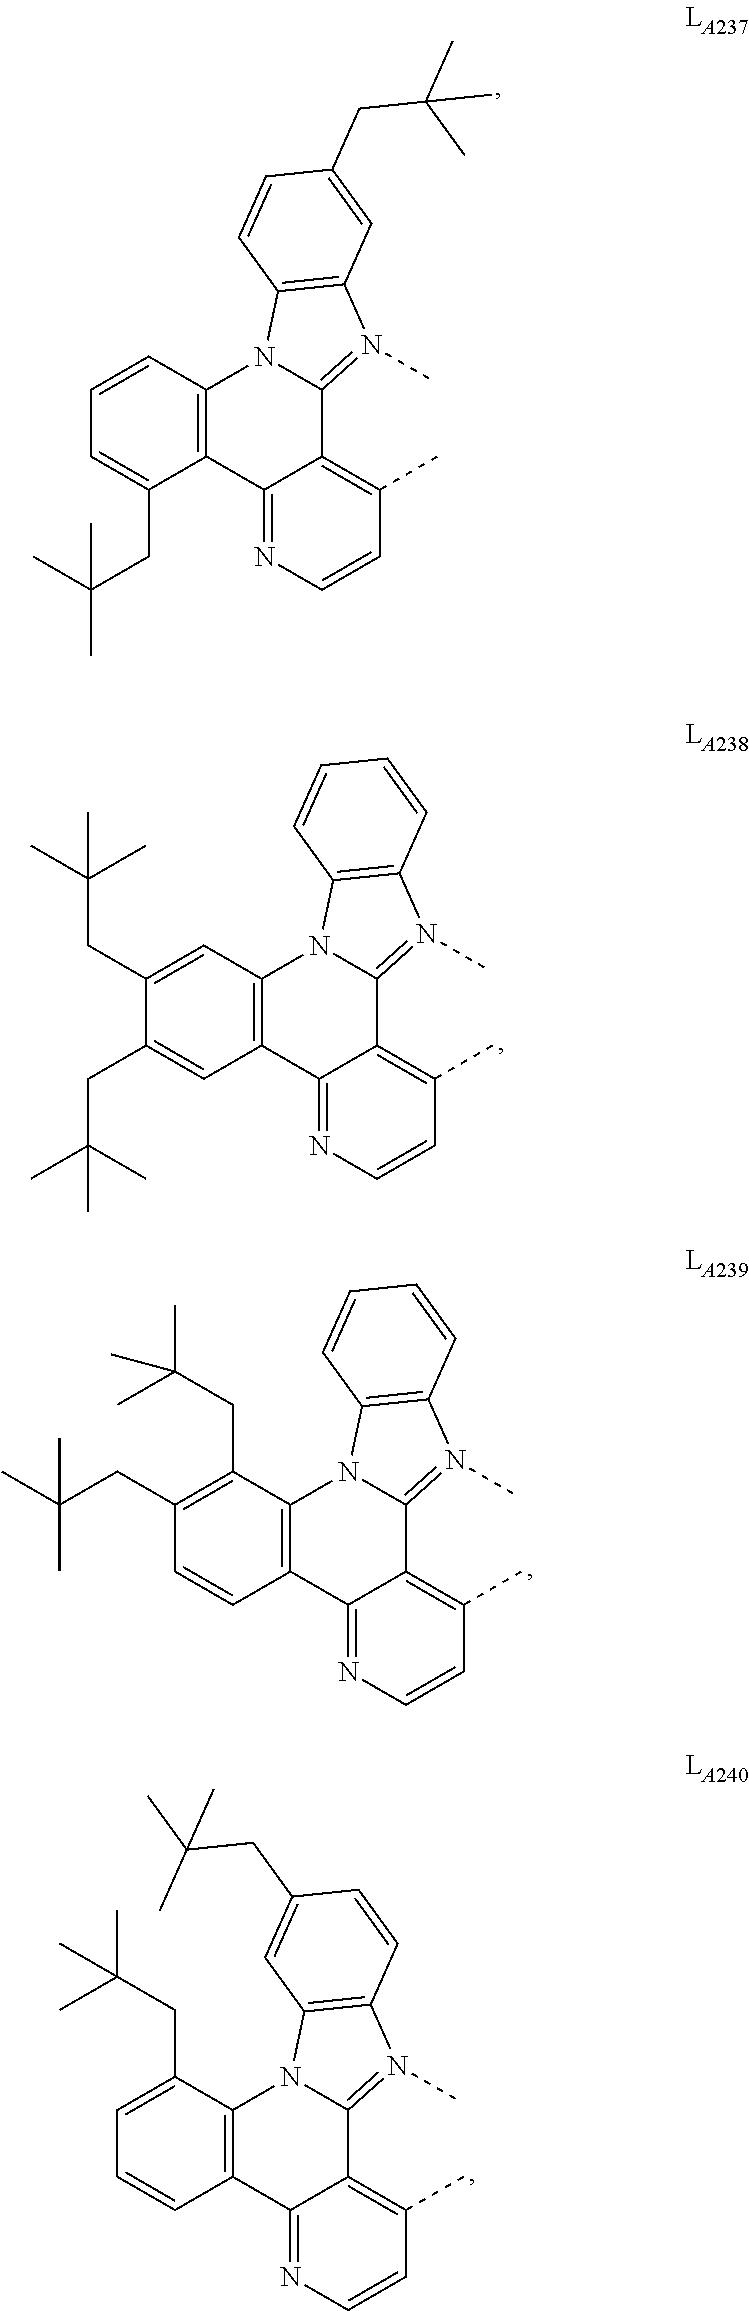 Figure US09905785-20180227-C00080